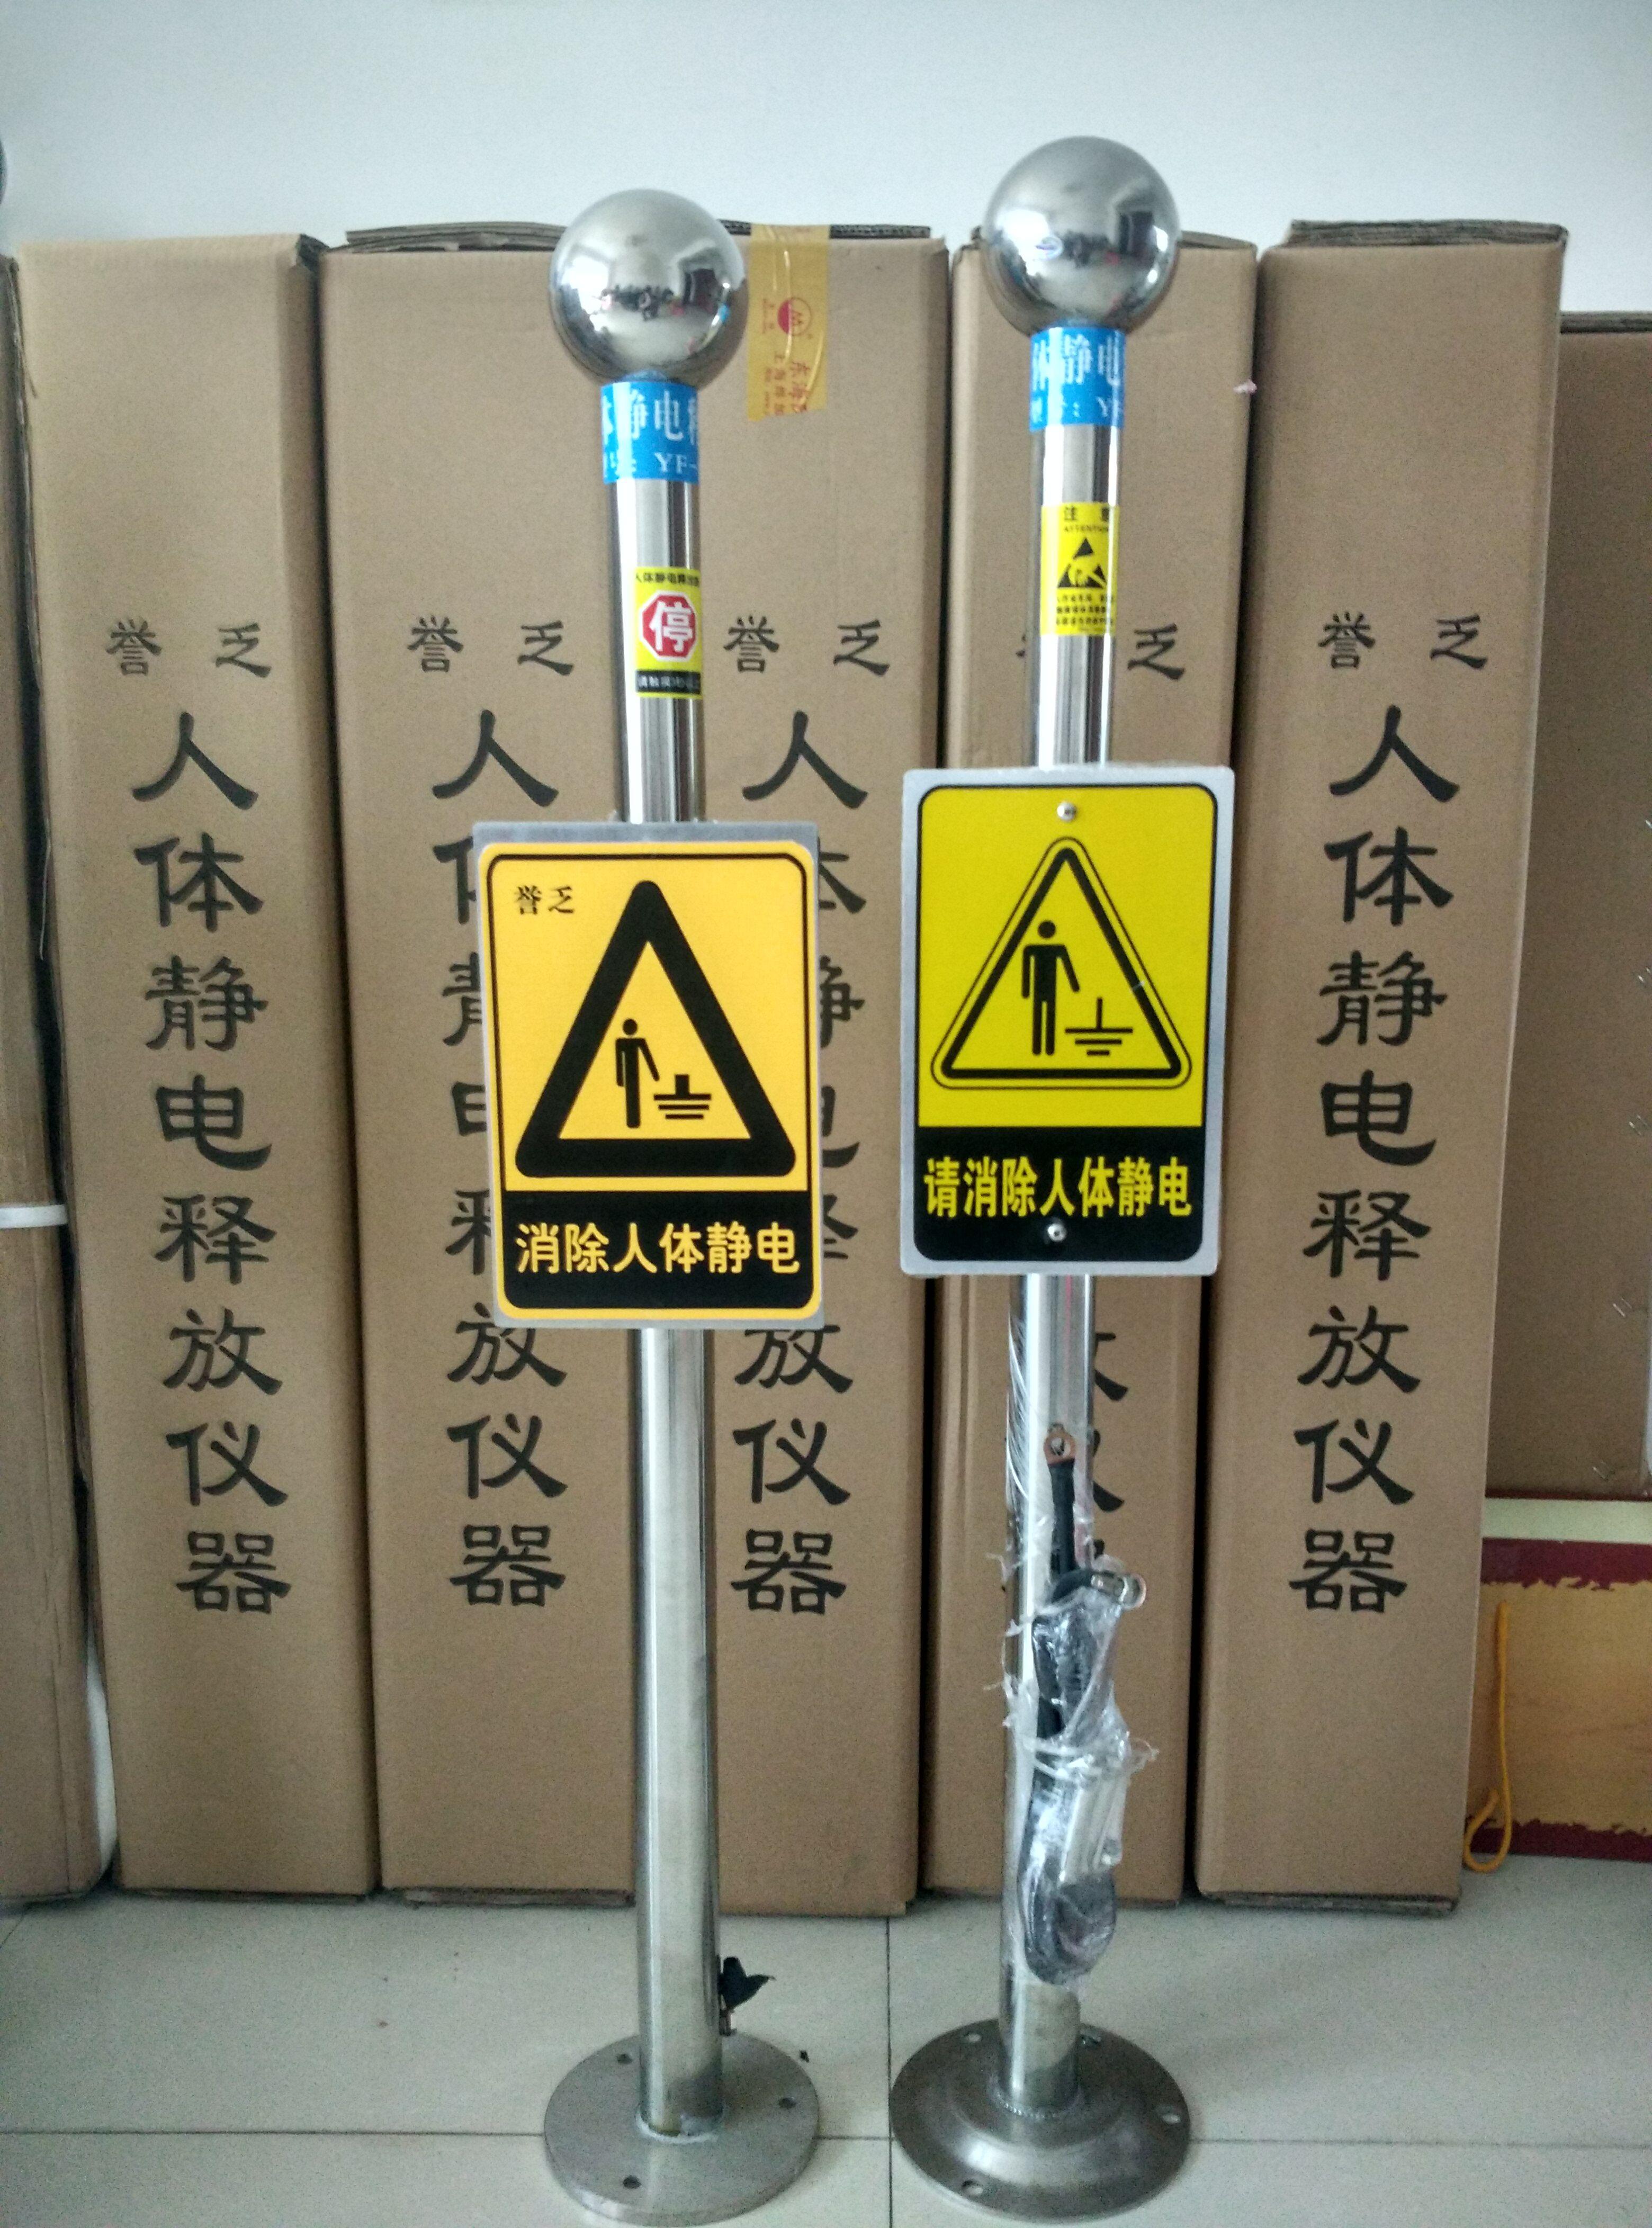 静电释放柱接地装置人体静电消除球工业防爆人体静电释放报警器